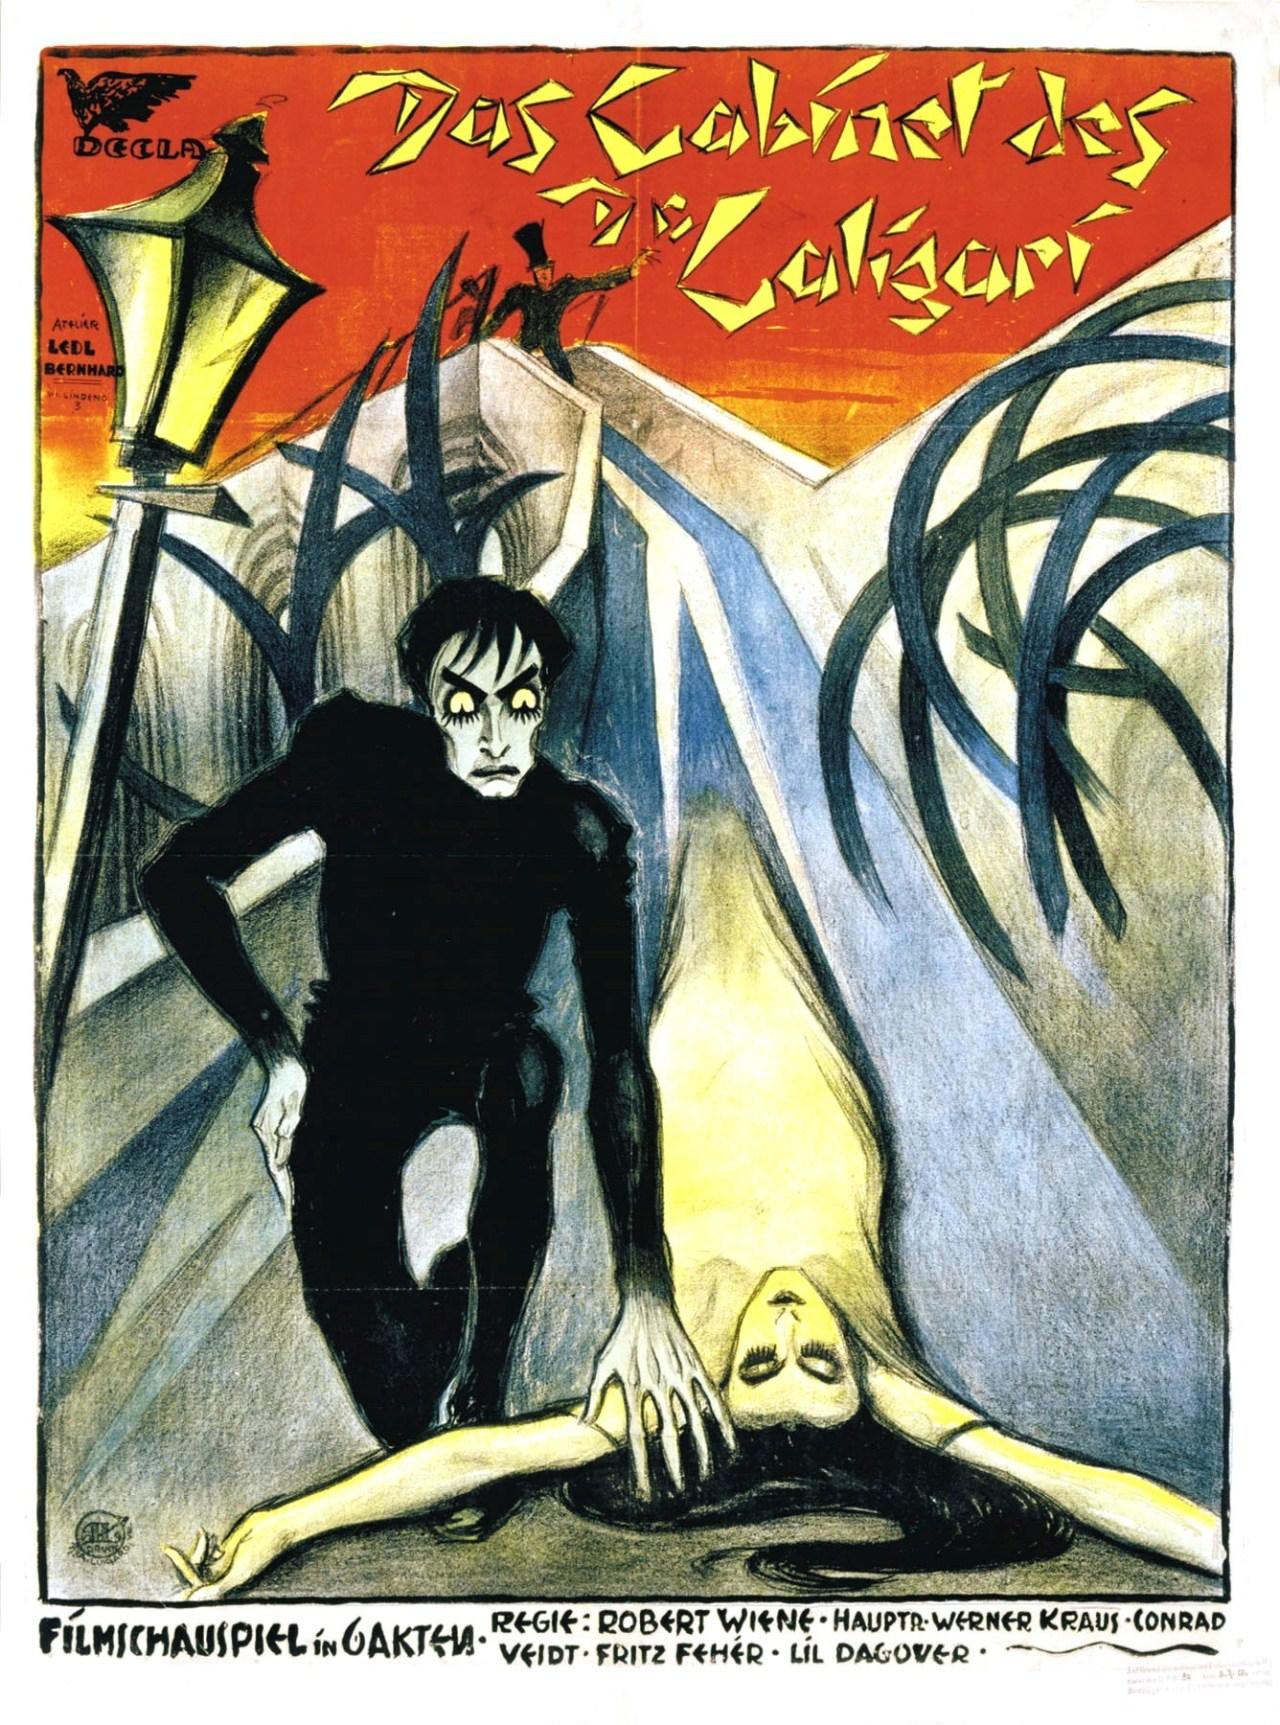 Affisch för filmen Das Cabinet des DR. Caligari från 1920